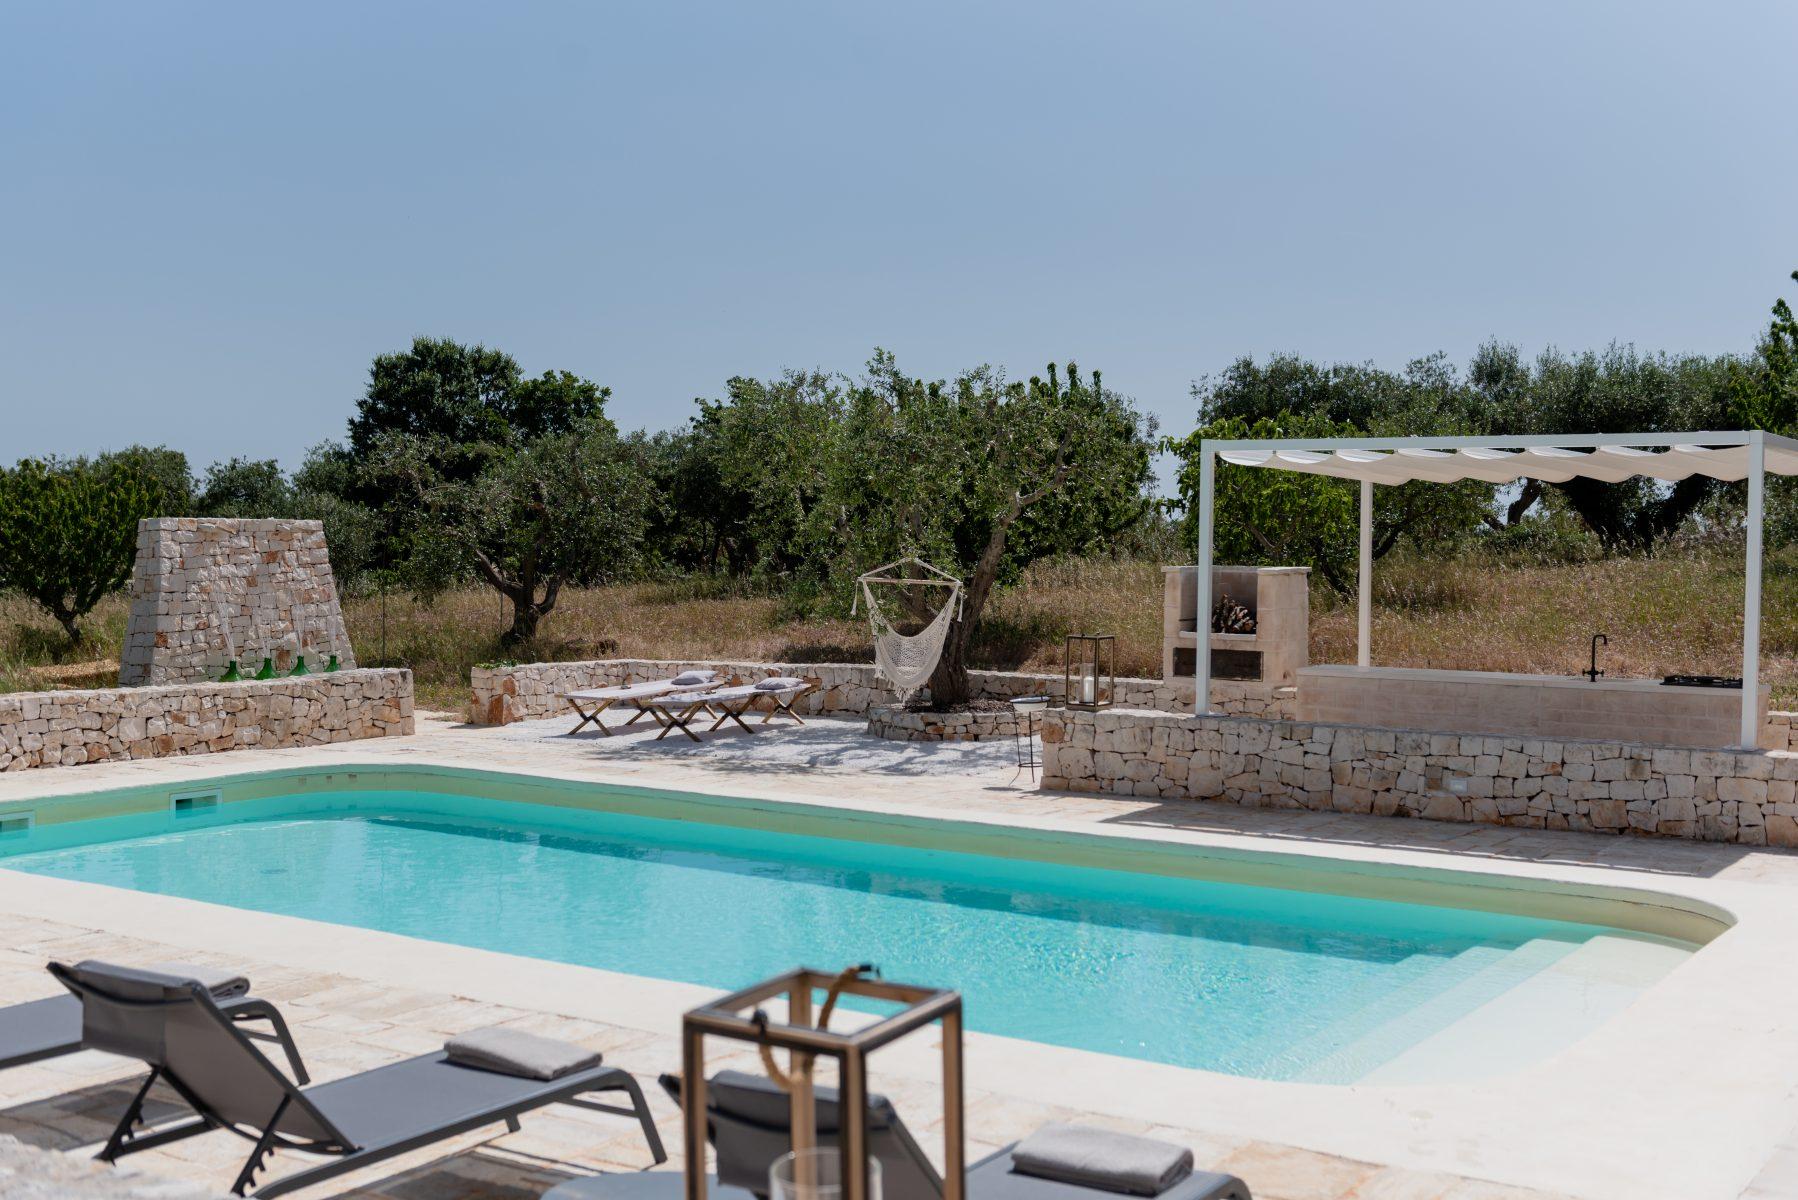 image 16 - outdoor - Dimora dei Gelsi Alberobello Puglia